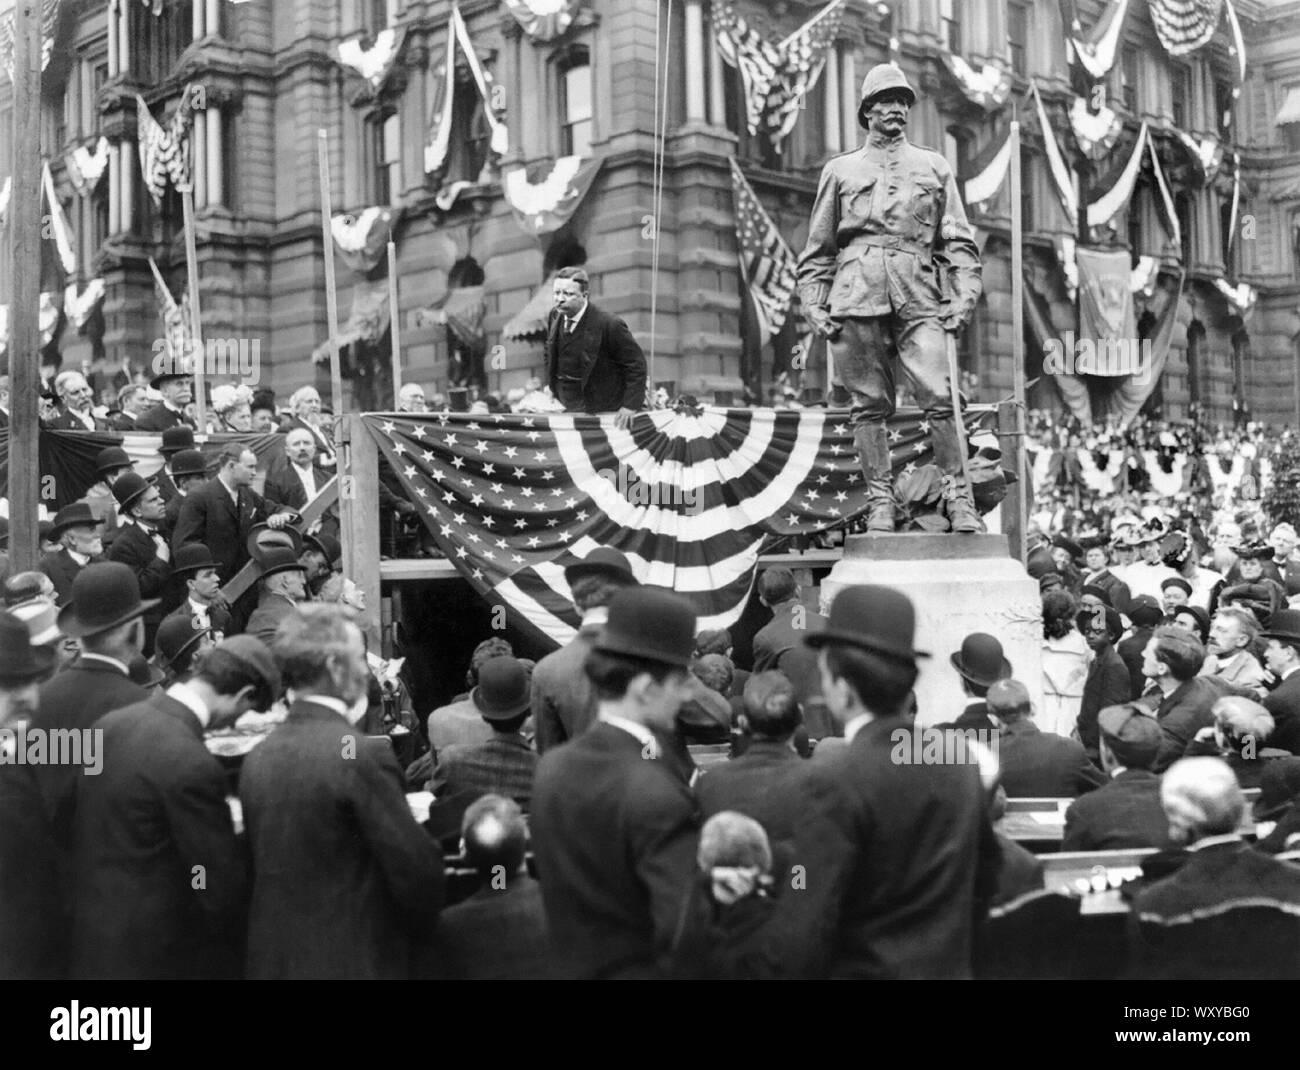 El presidente Theodore Roosevelt hablando ante una multitud desde una plataforma junto a una estatua de Henry Ware Lawton, Indianapolis, Indiana, EEUU, 1907 Foto de stock